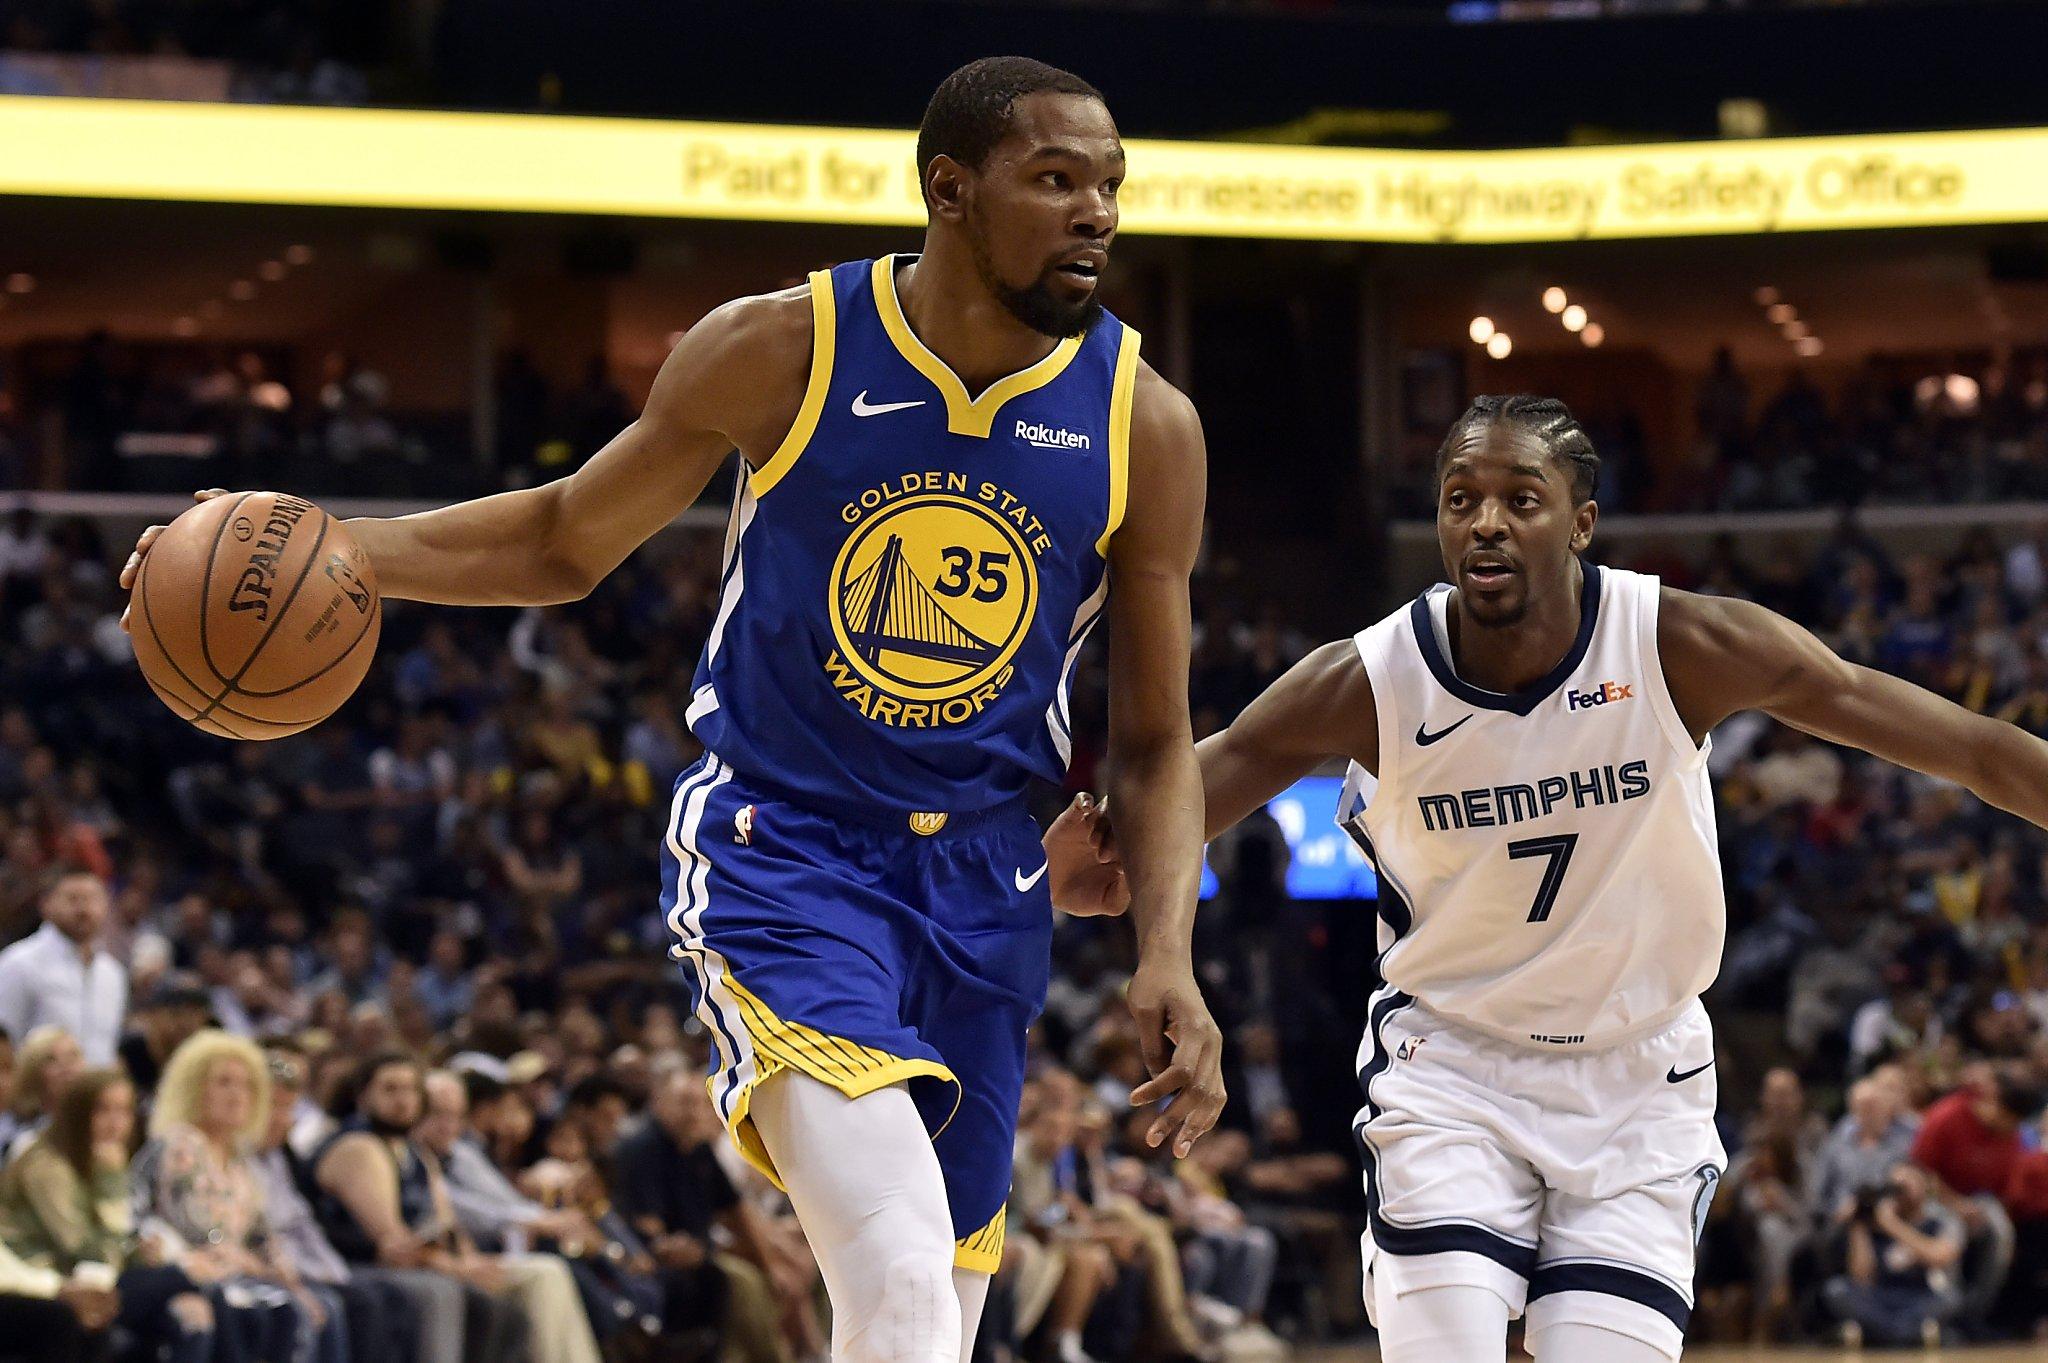 b838fcef3da3 Kevin Durant showcases his efficiency in Warriors  win over Grizzlies –  Konitono News